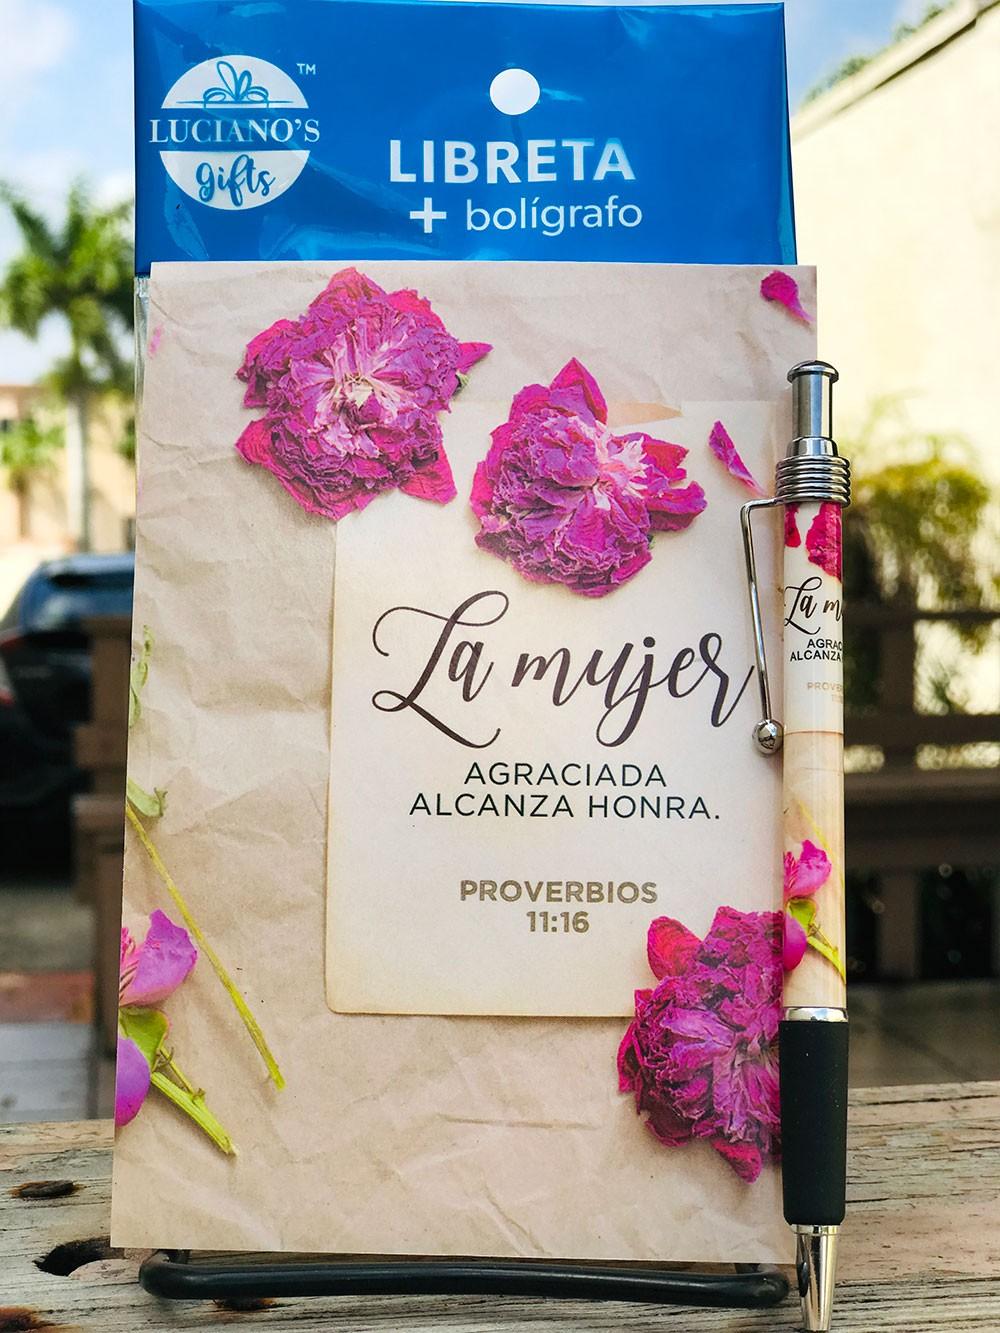 Libreta Pack + Boligrafo La Mujer agraciada Lucianos